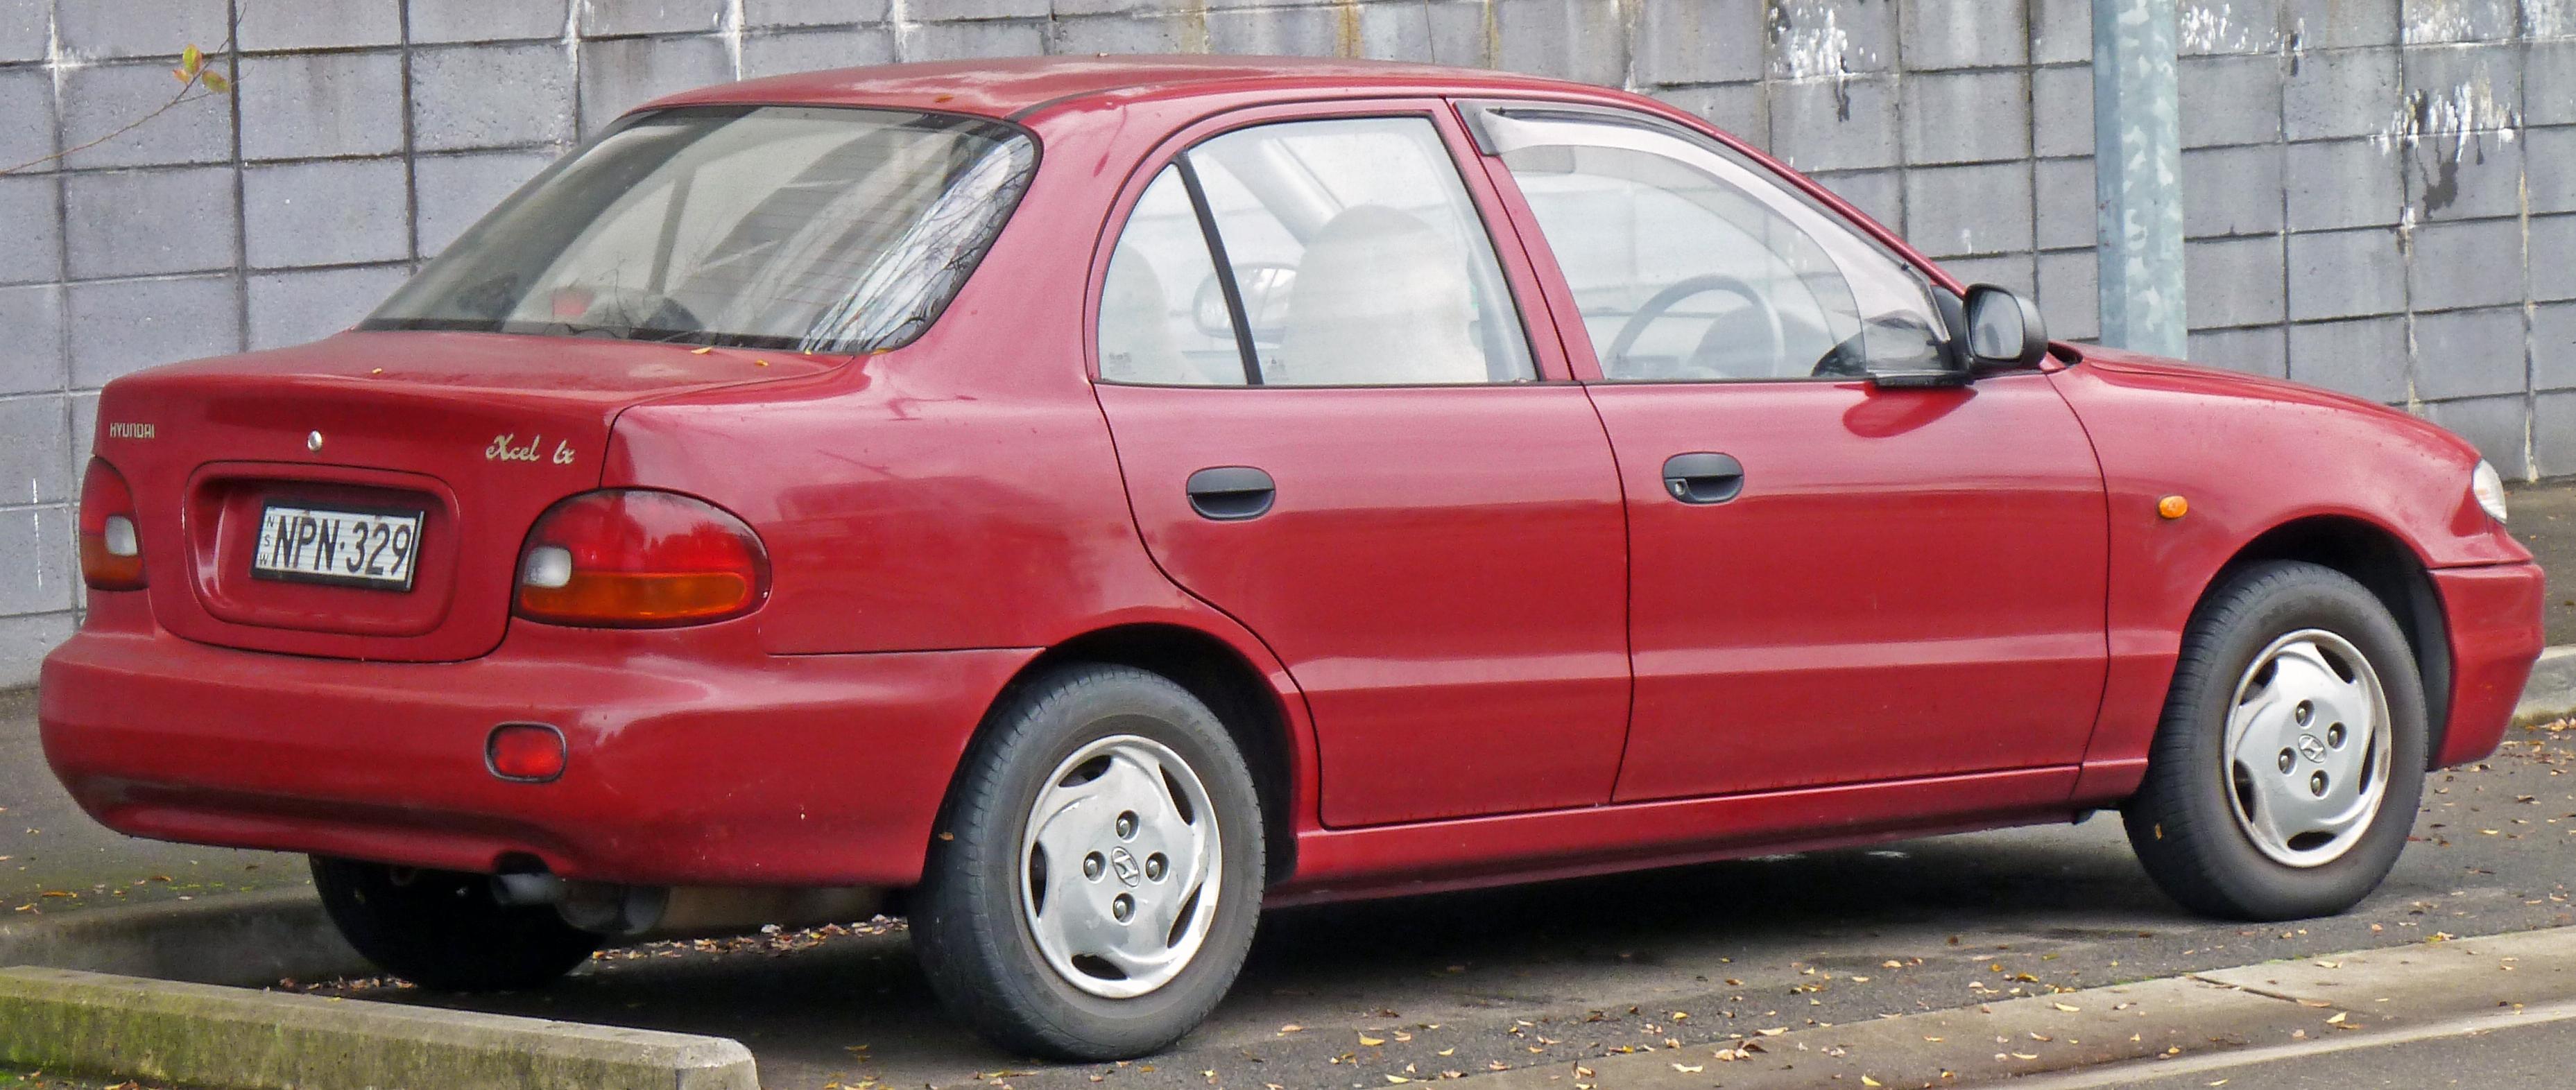 Hyundai excel 98